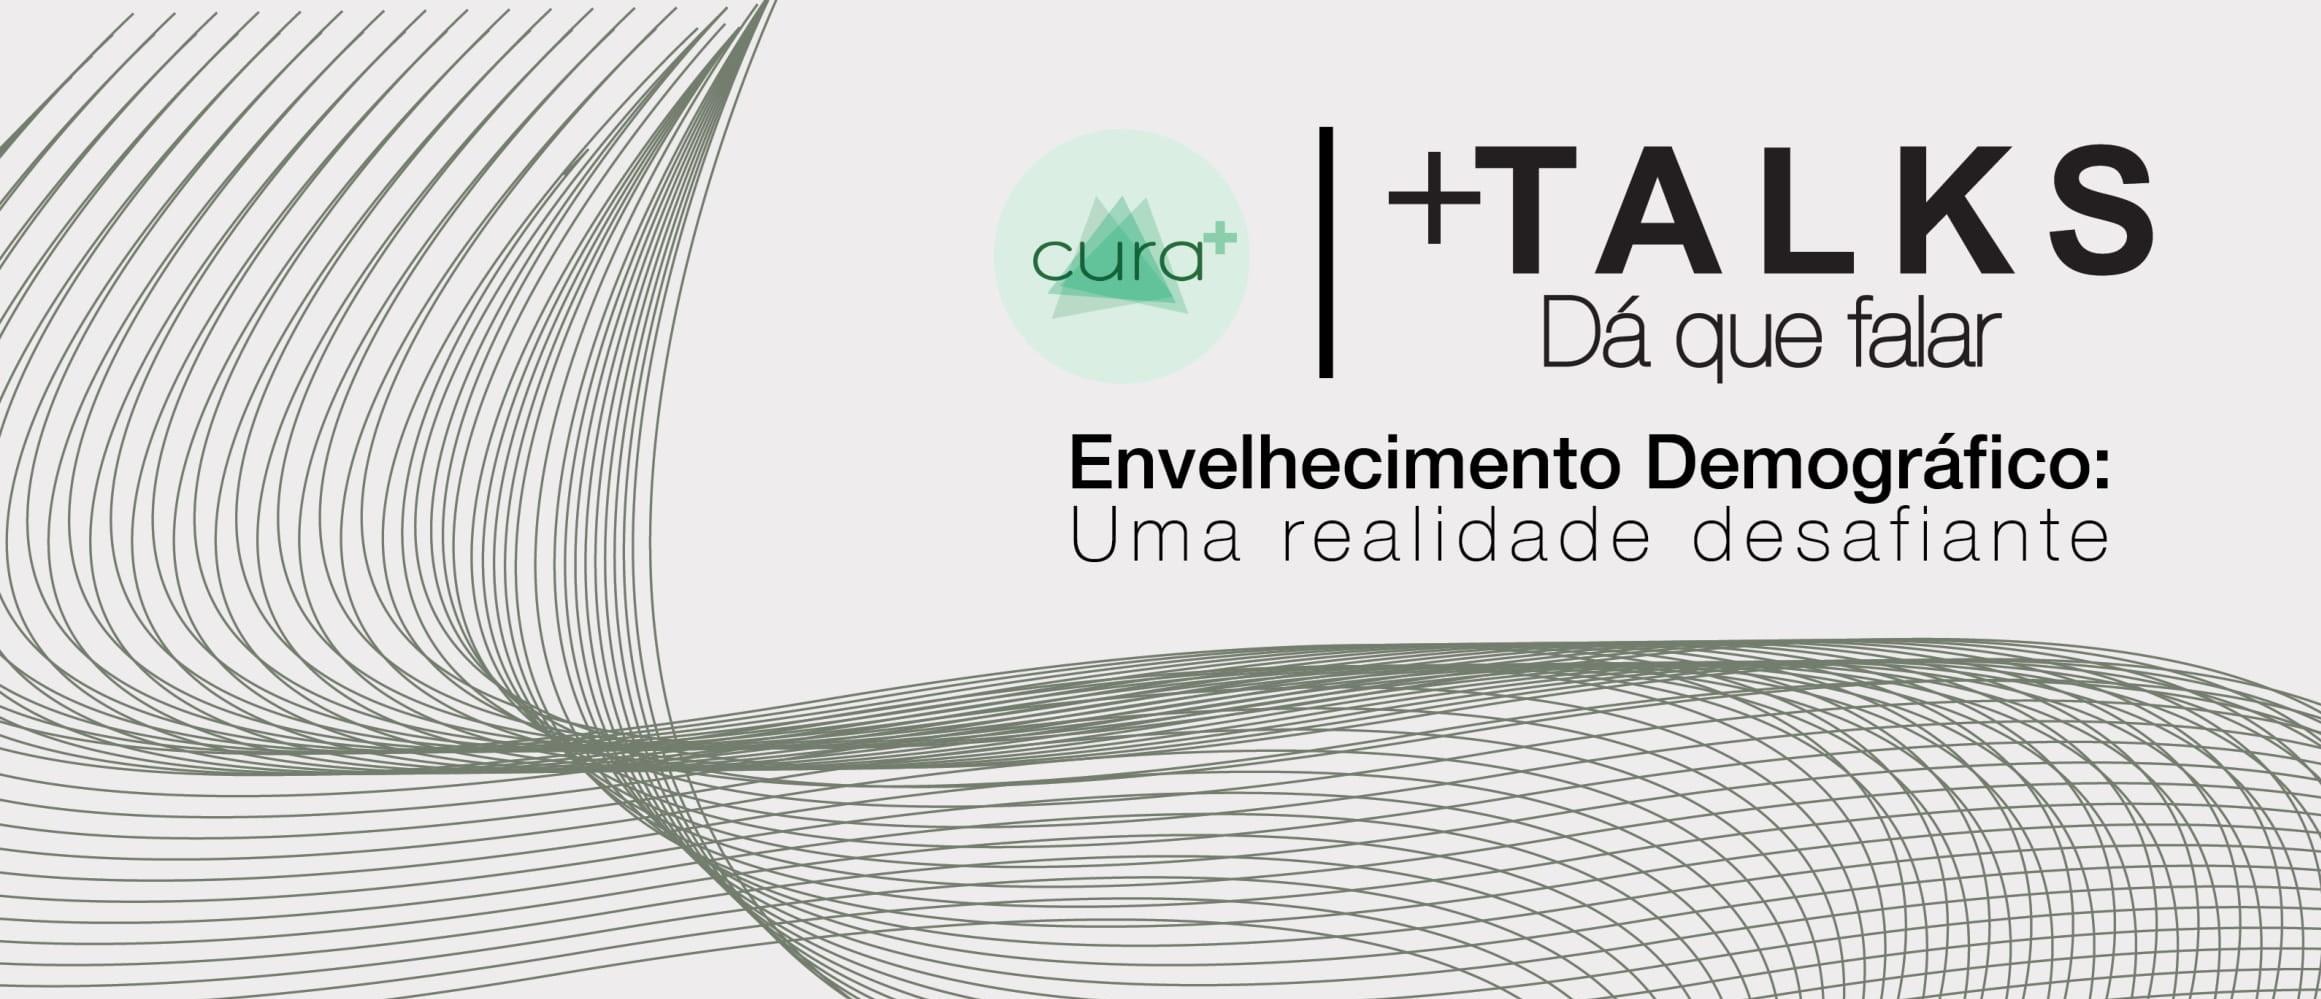 +TALKS_Envelhecimento_demográfico